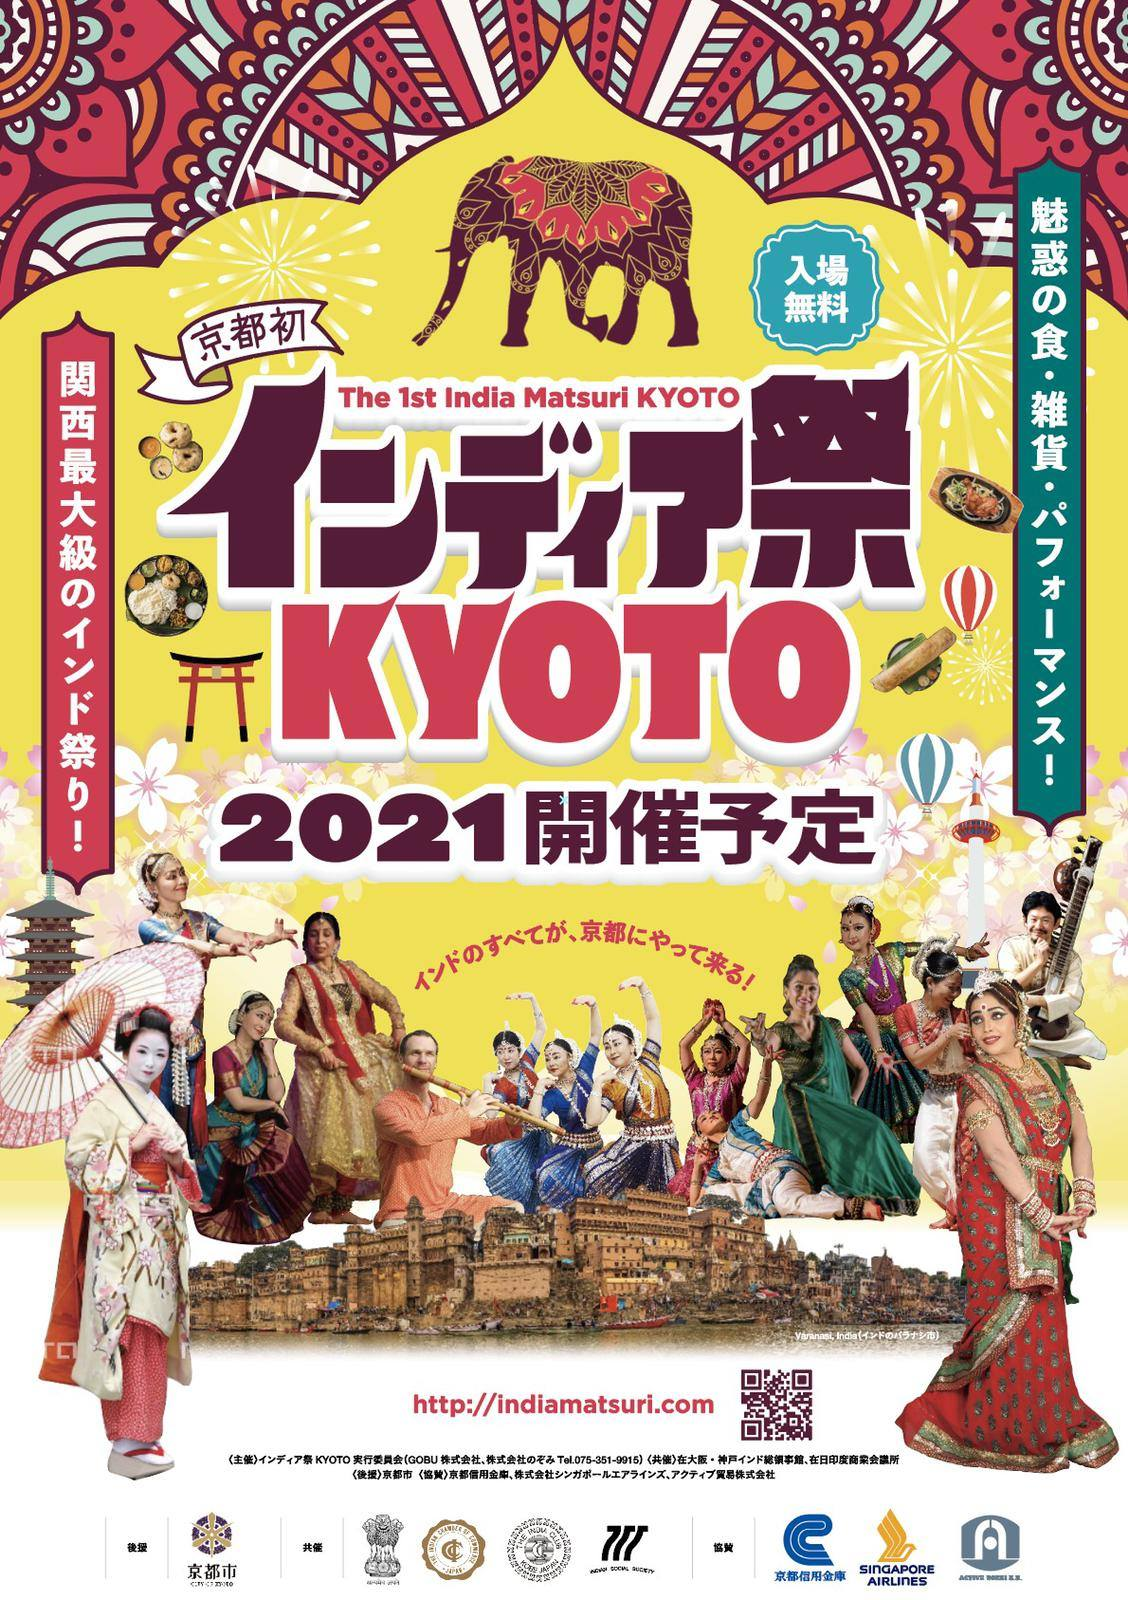 インディア祭京都